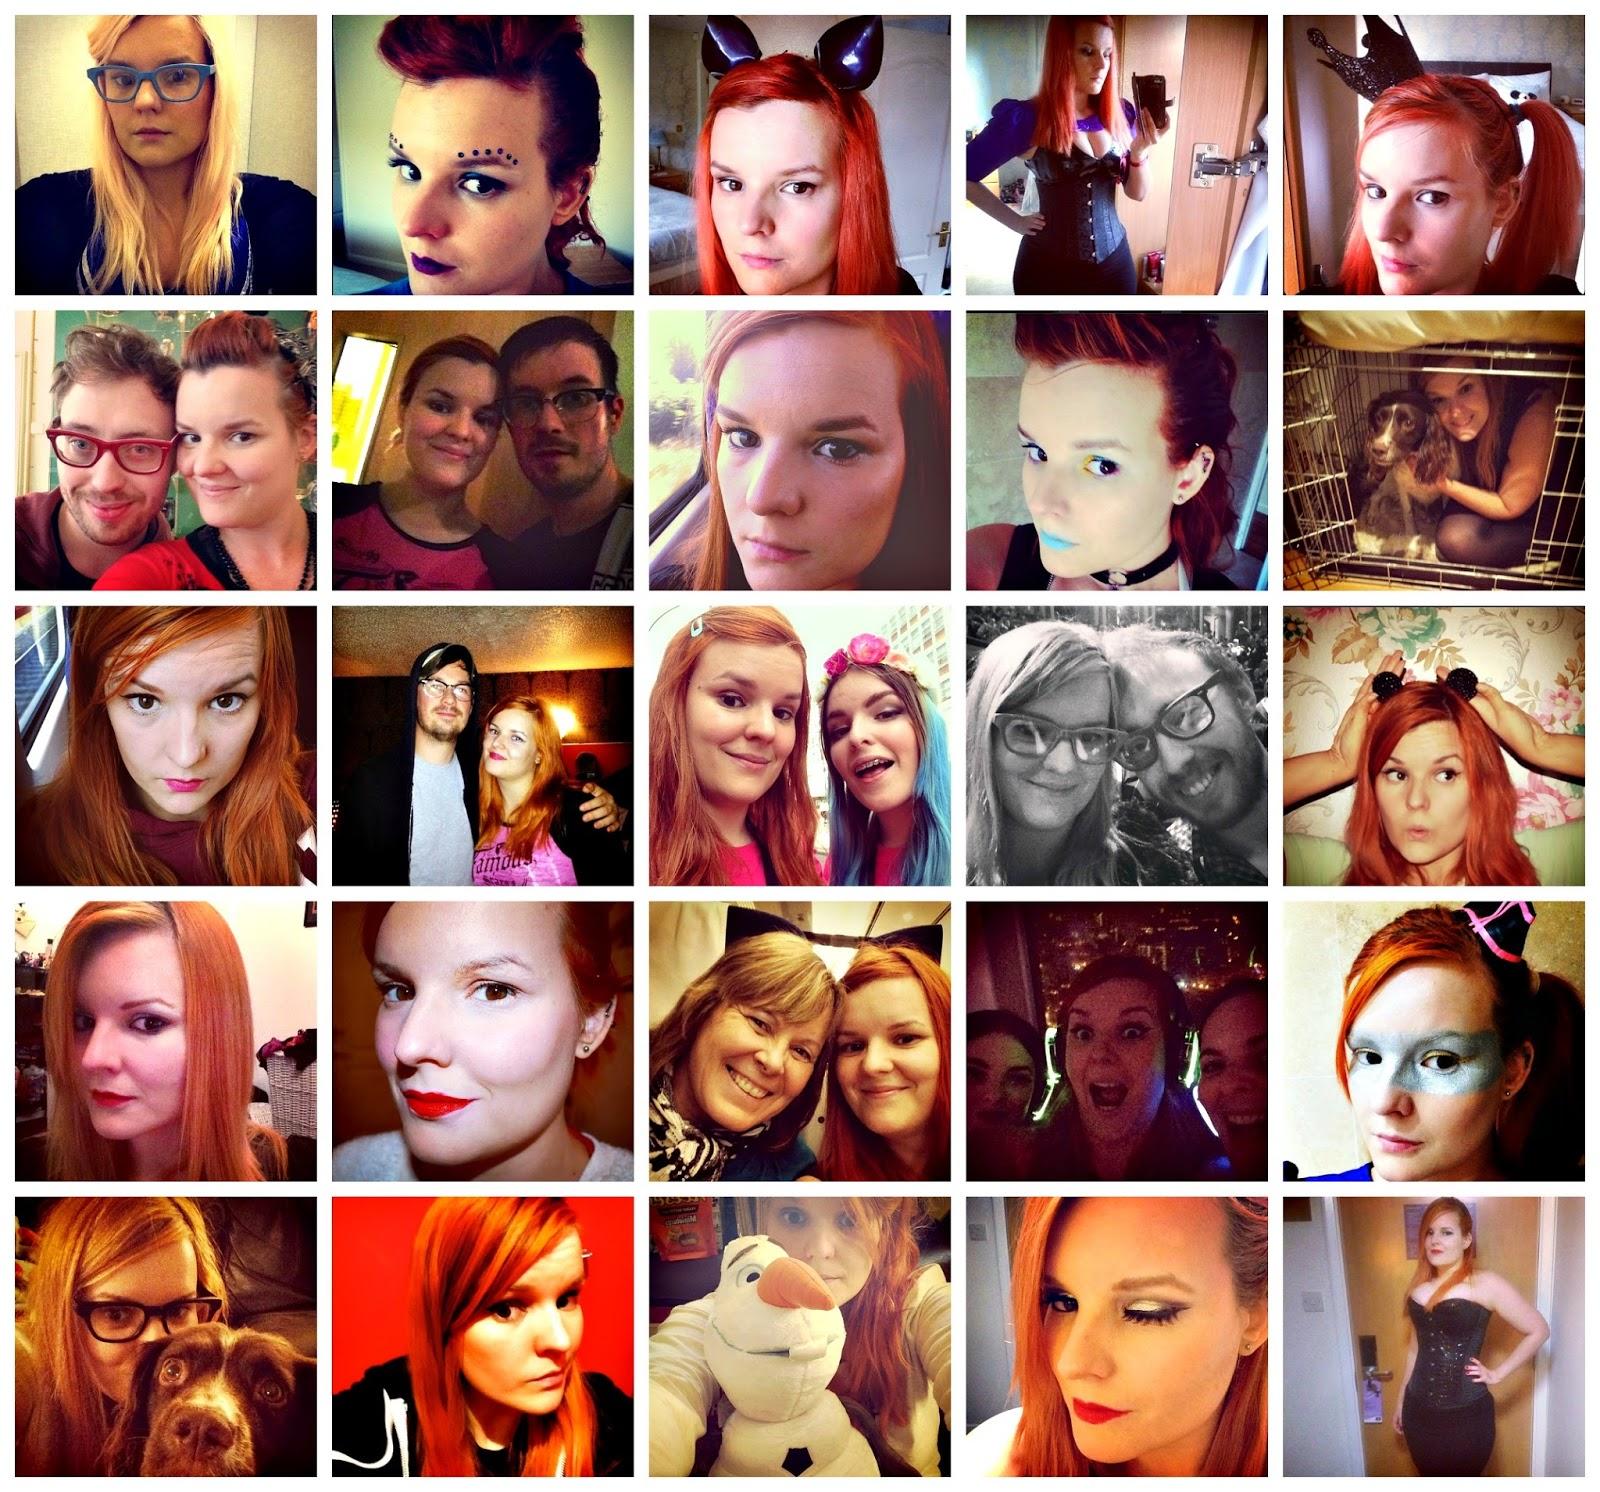 Selfies of 2014